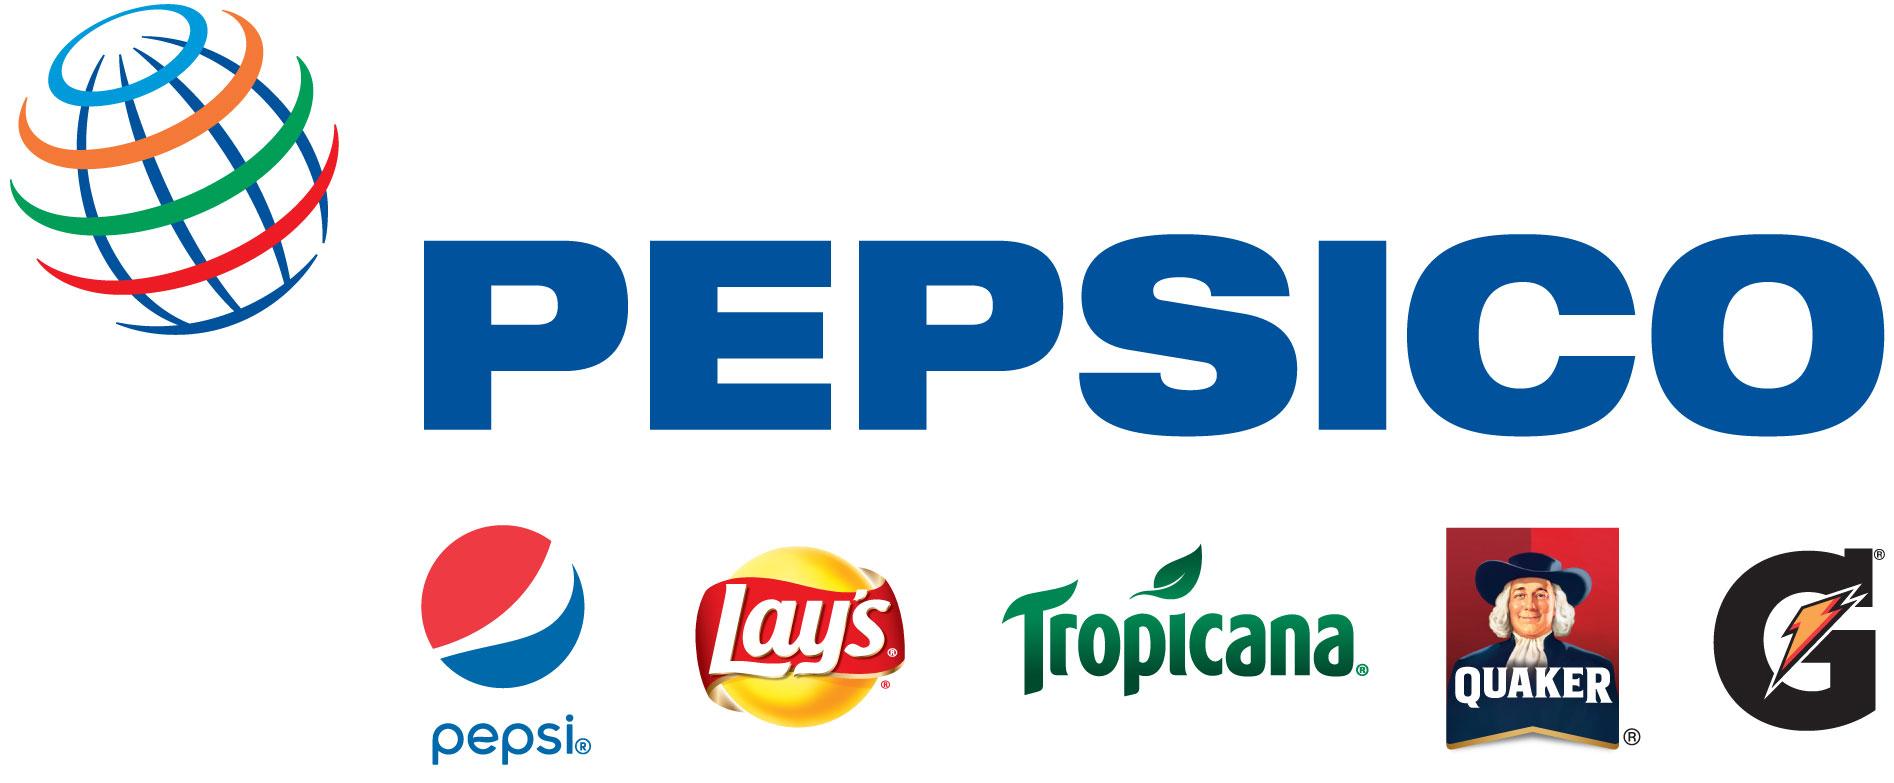 PepsiCo brand logos on white background.